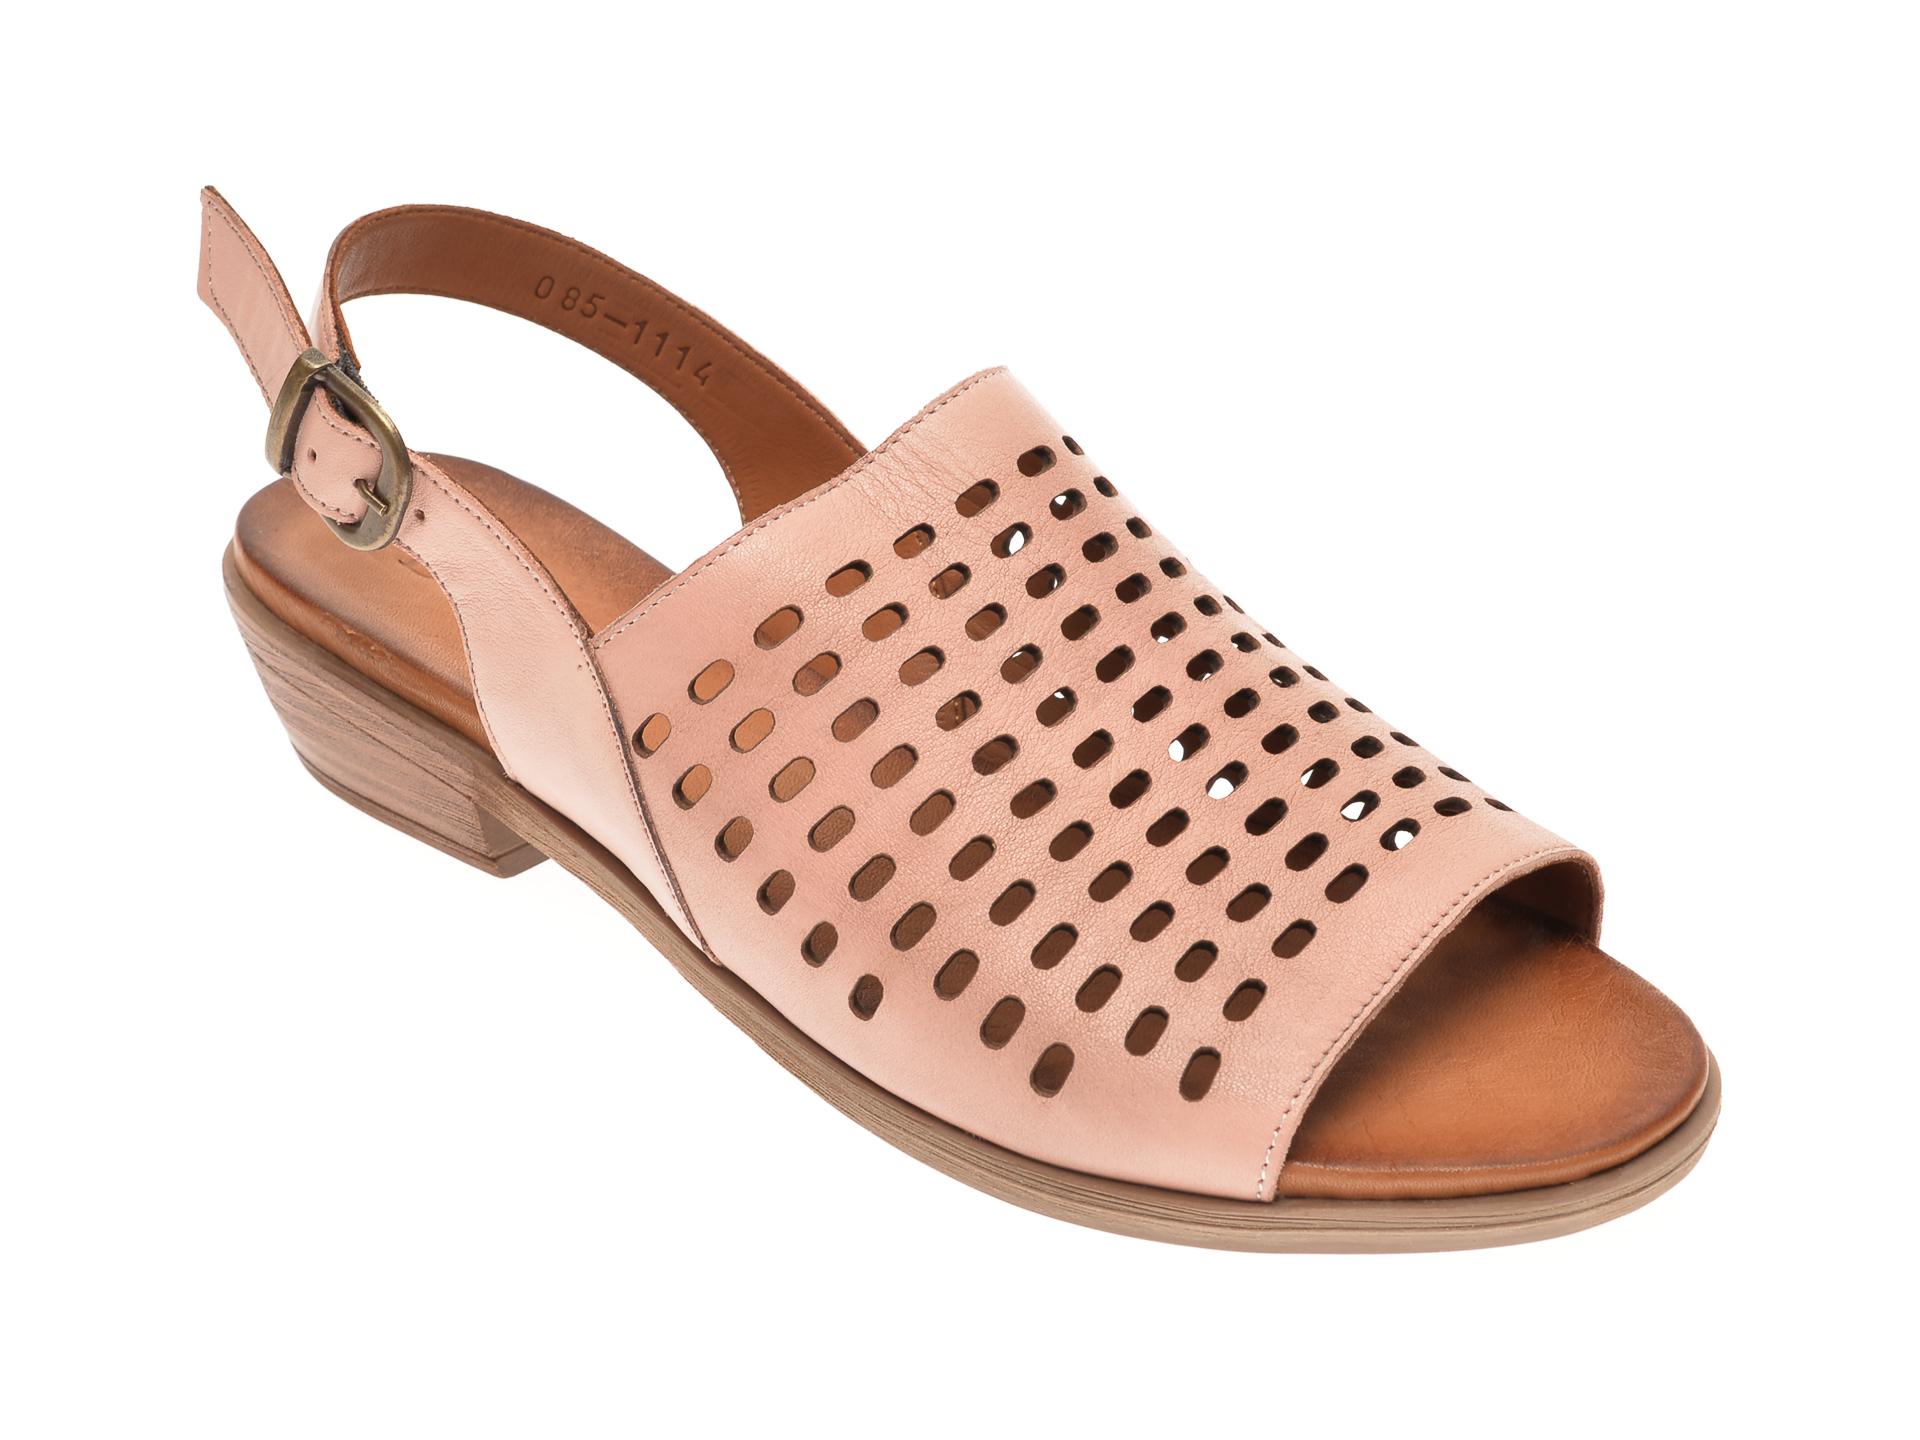 Sandale DACOTA nude, 0851114, din piele naturala